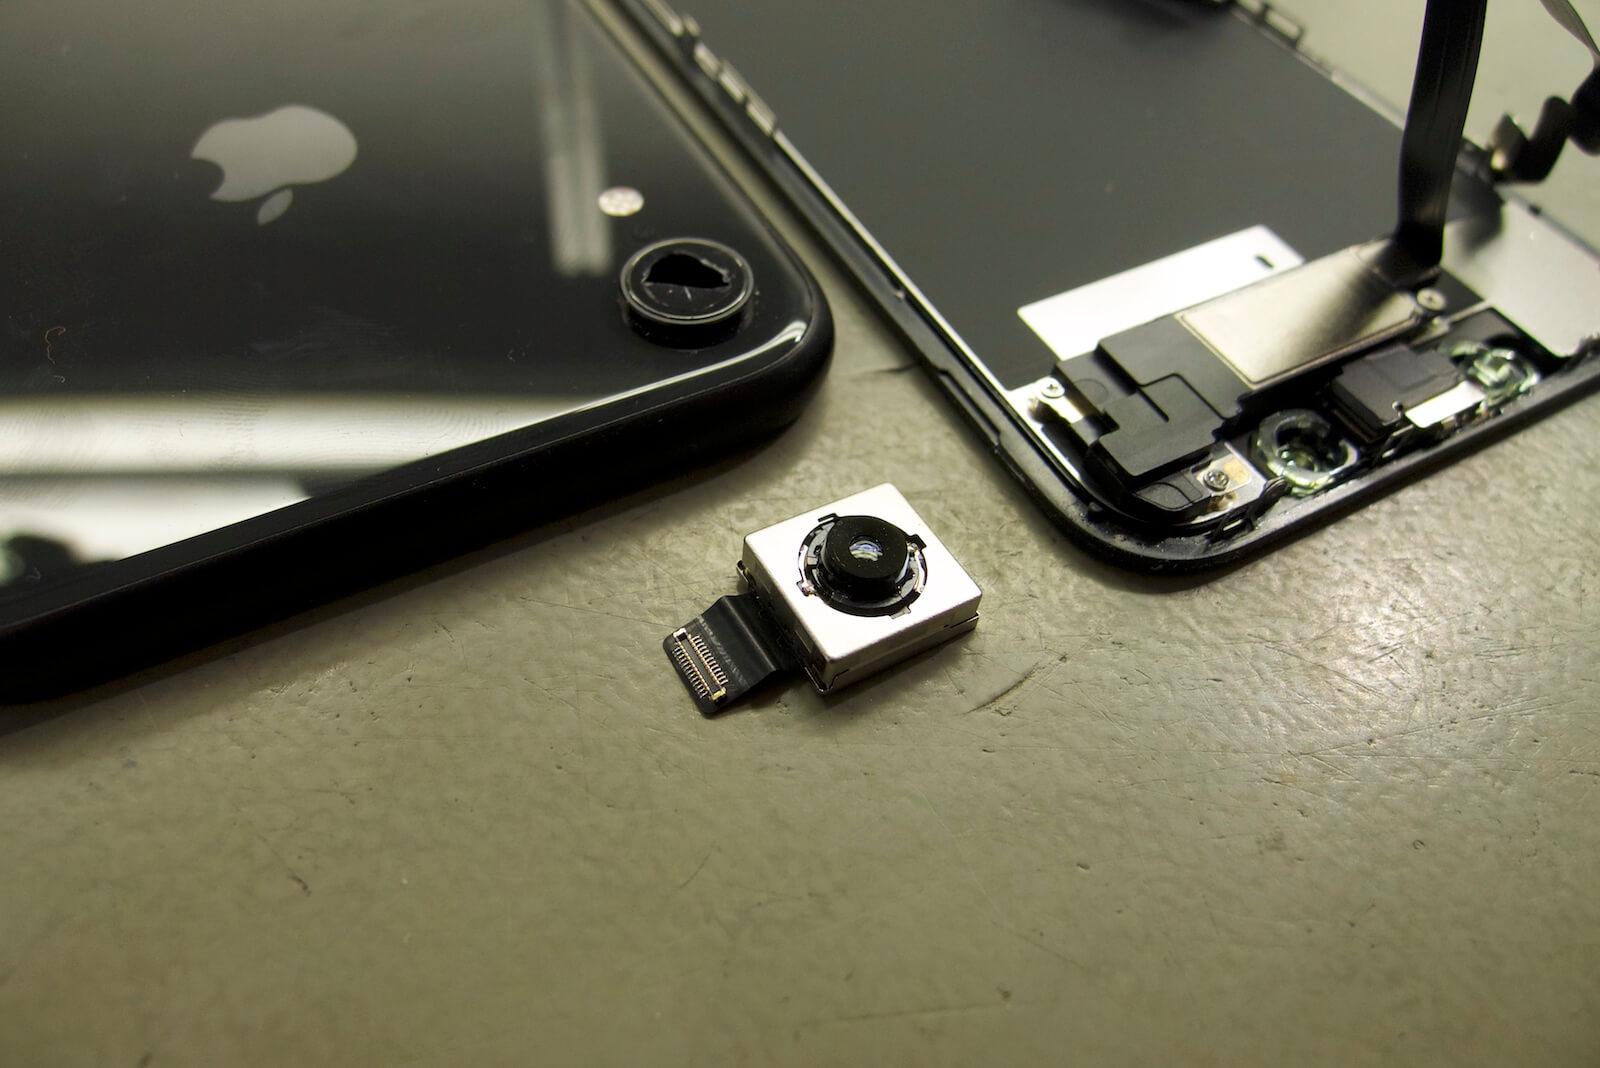 iPhone típushibák cikk borítókép –összefoglaló cikk a leggyakoribb iPhone hibák okairól és javításáról | APPSolute iPhone szerviz